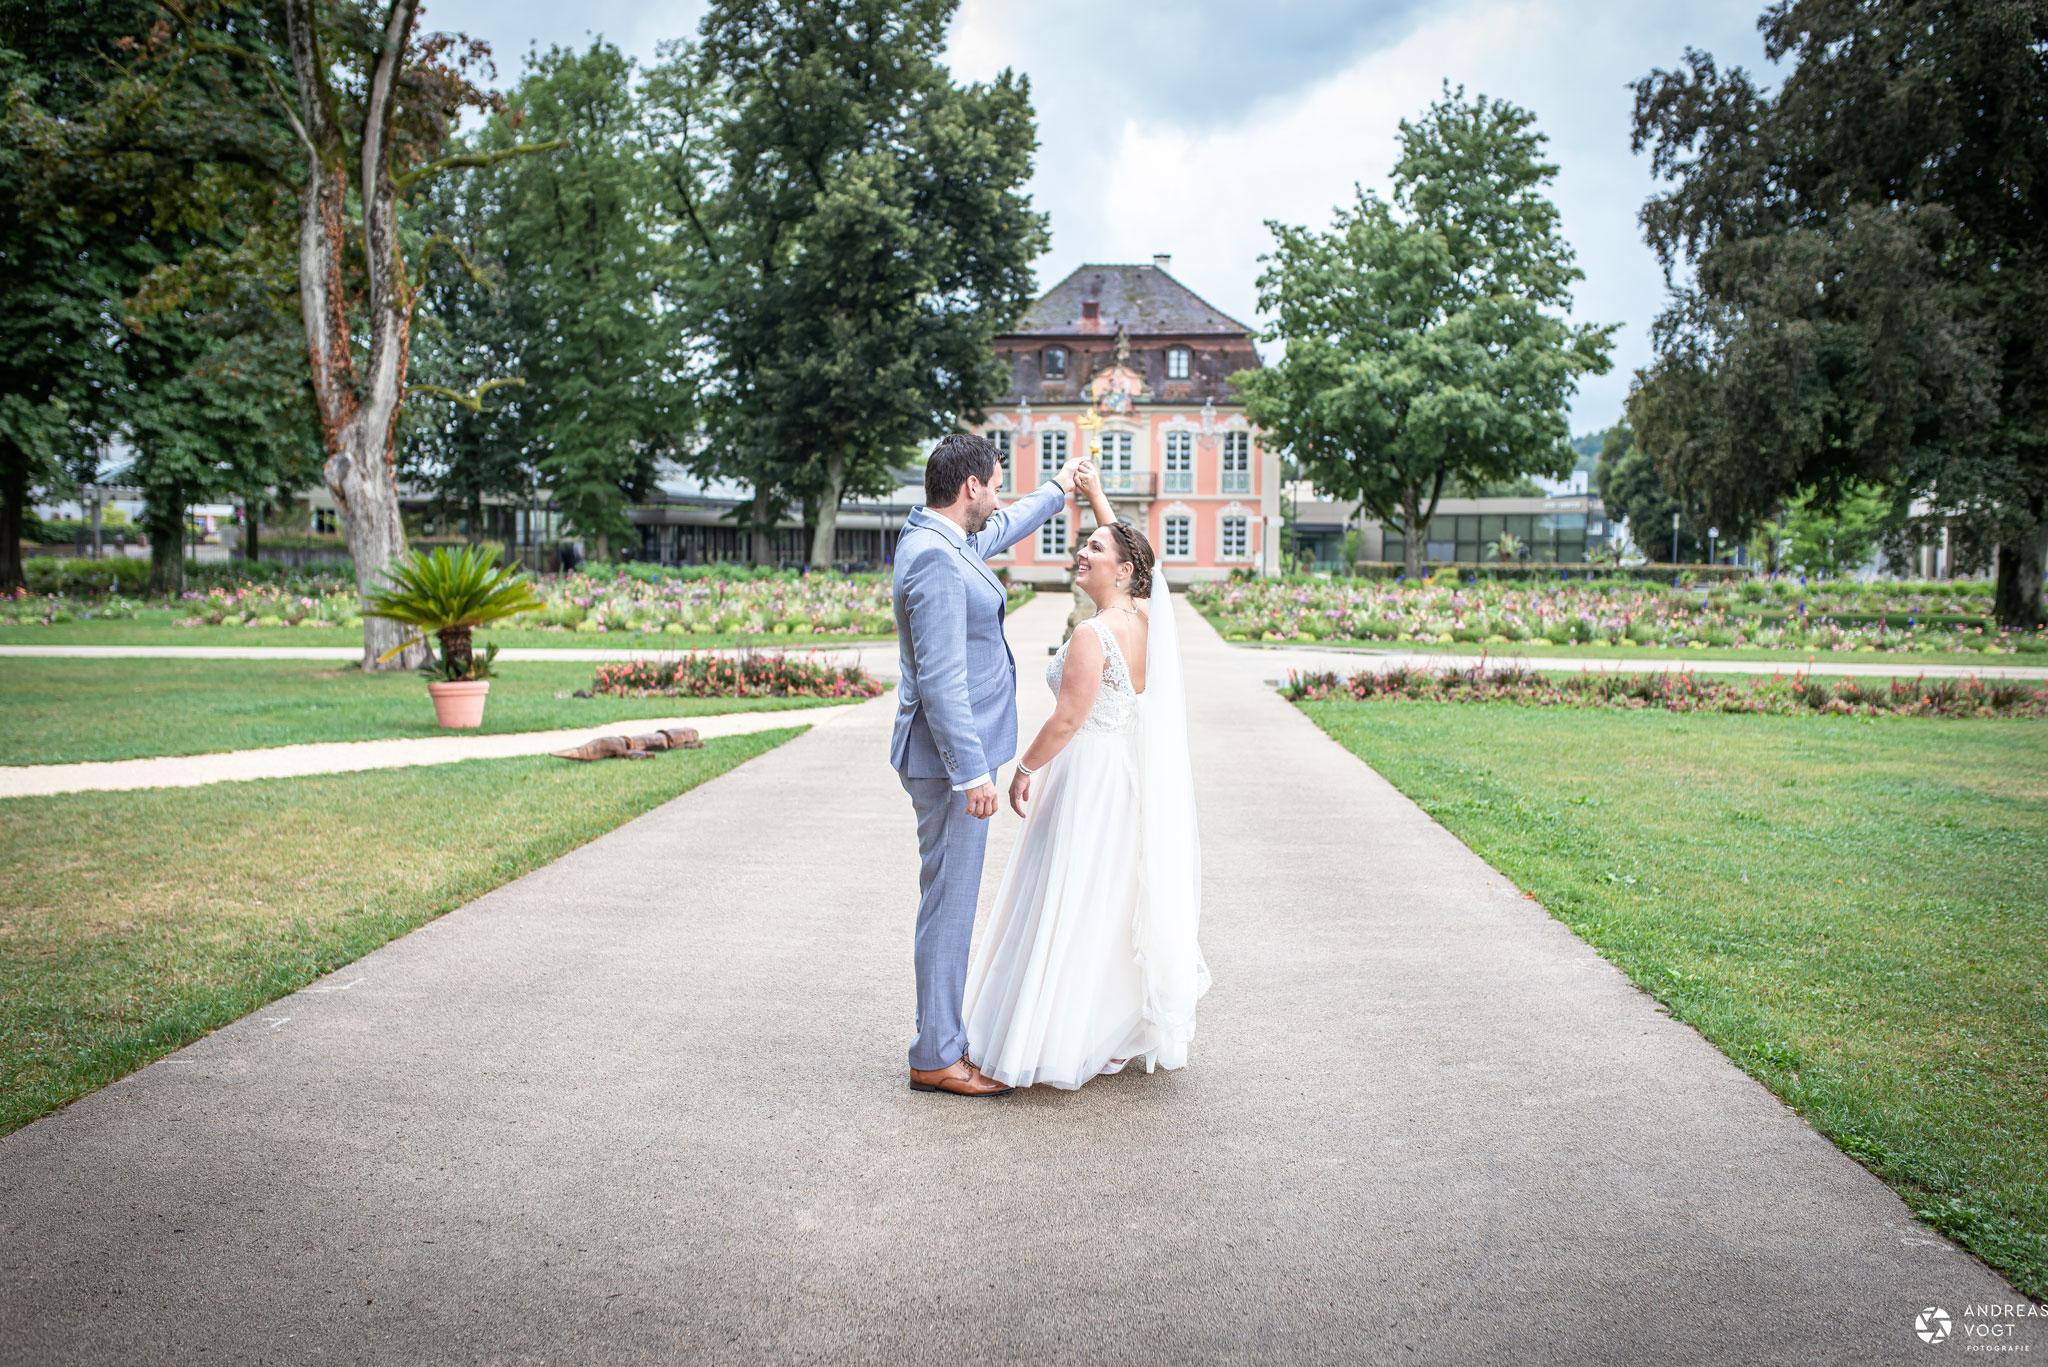 Hochzeit Schwäbisch Gmünd Juli und Alex 14 Andreas Vogt Fotografie